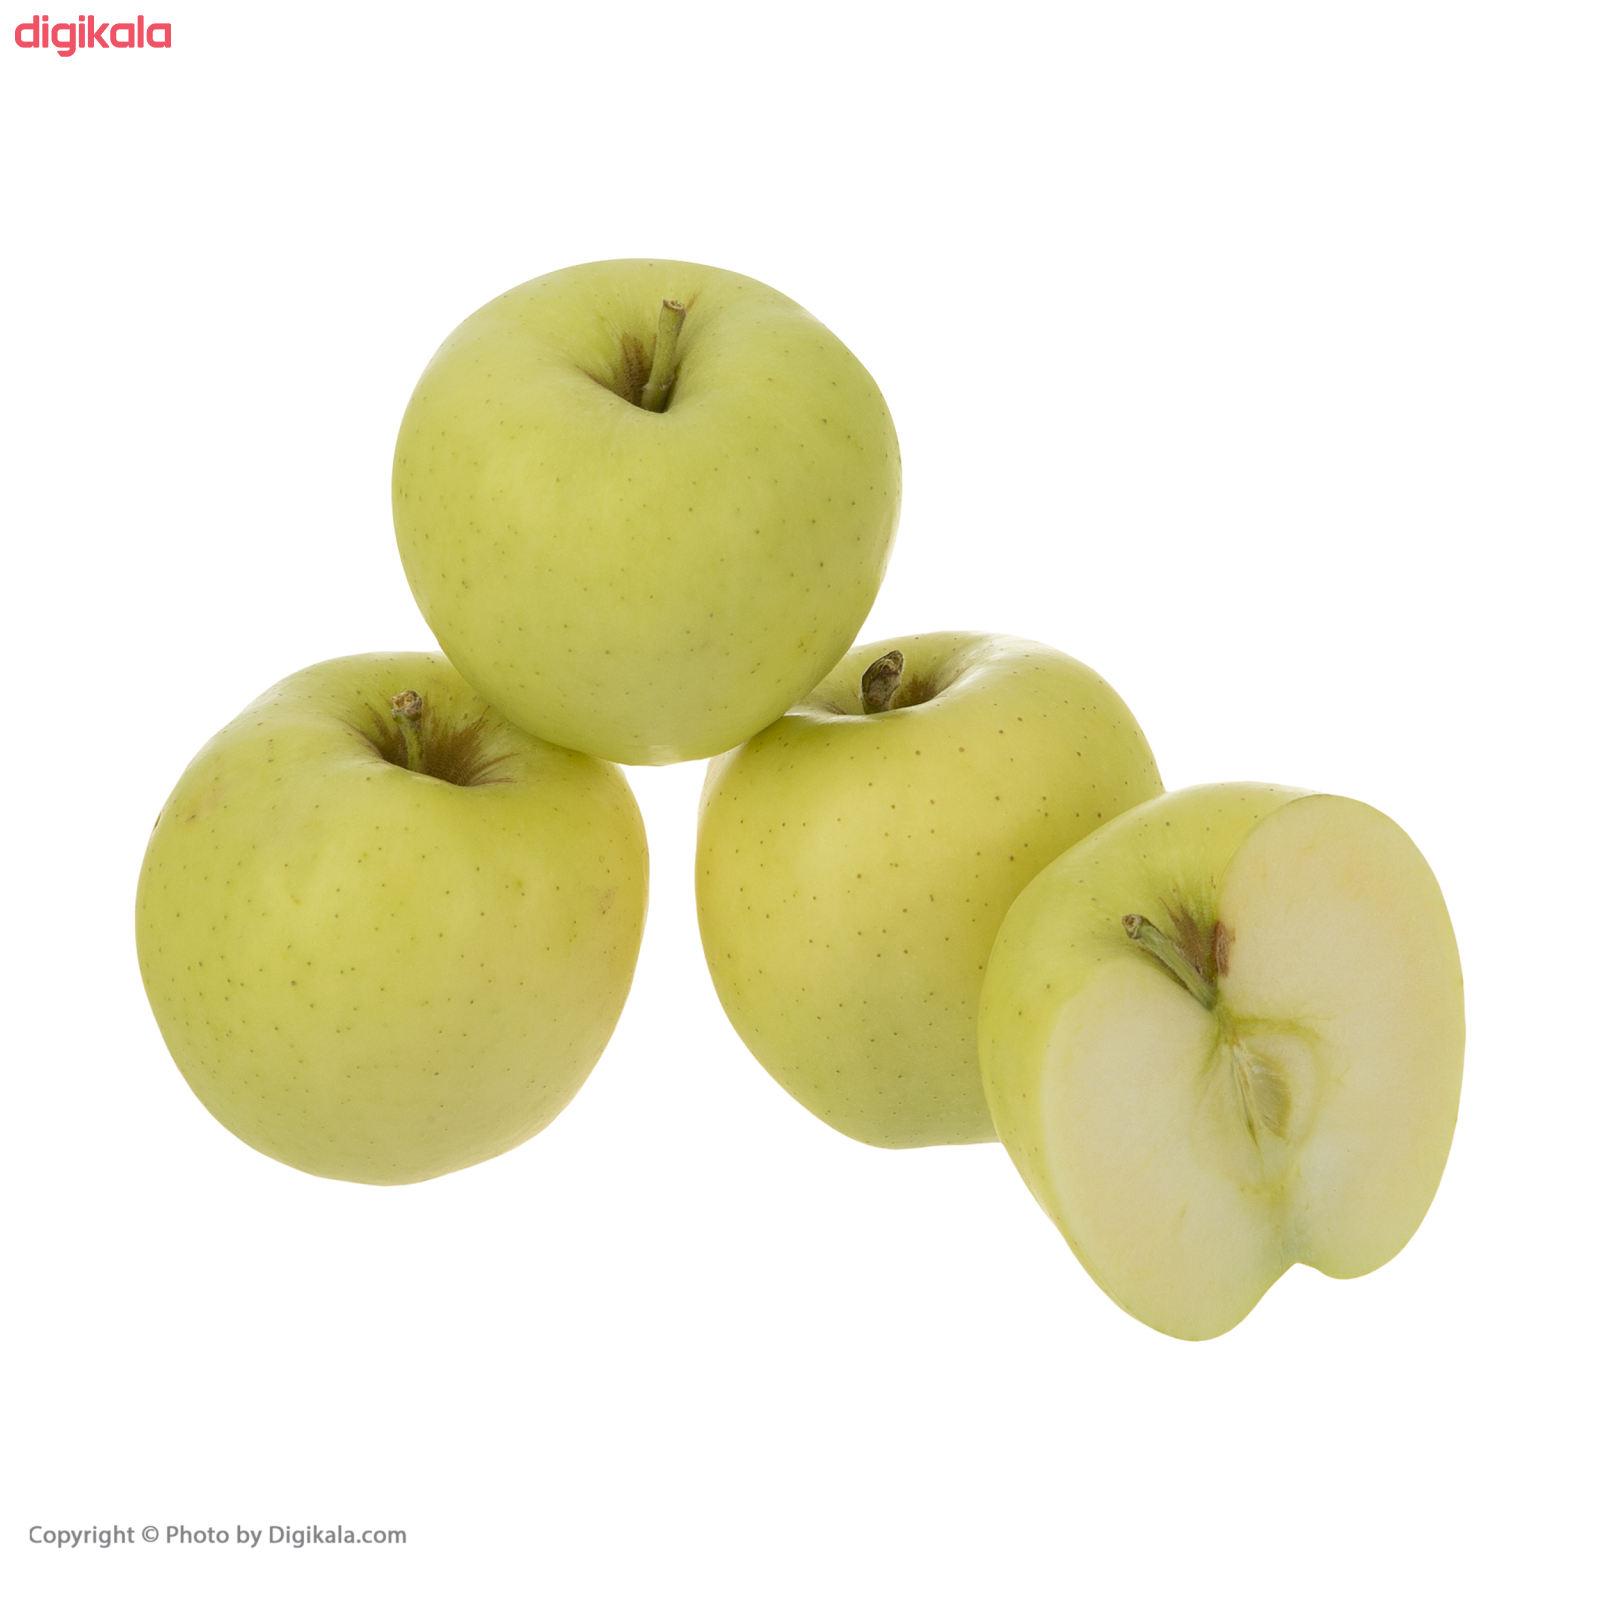 سیب زرد میوه پلاس - 1 کیلوگرم main 1 1